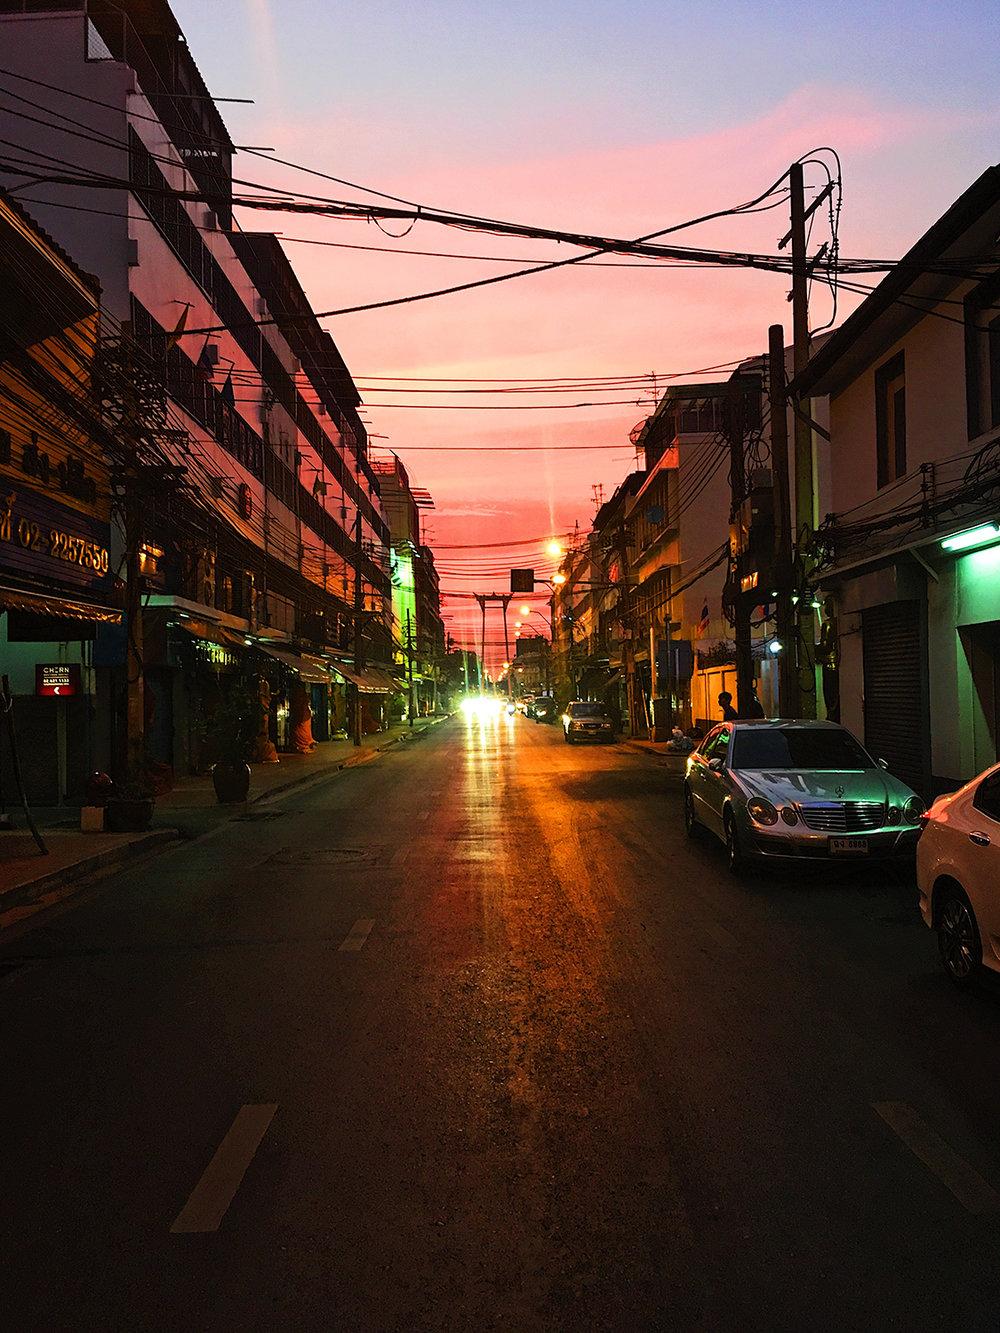 018_HandZaround DiegoGorrion Thailand Cambodia.JPG